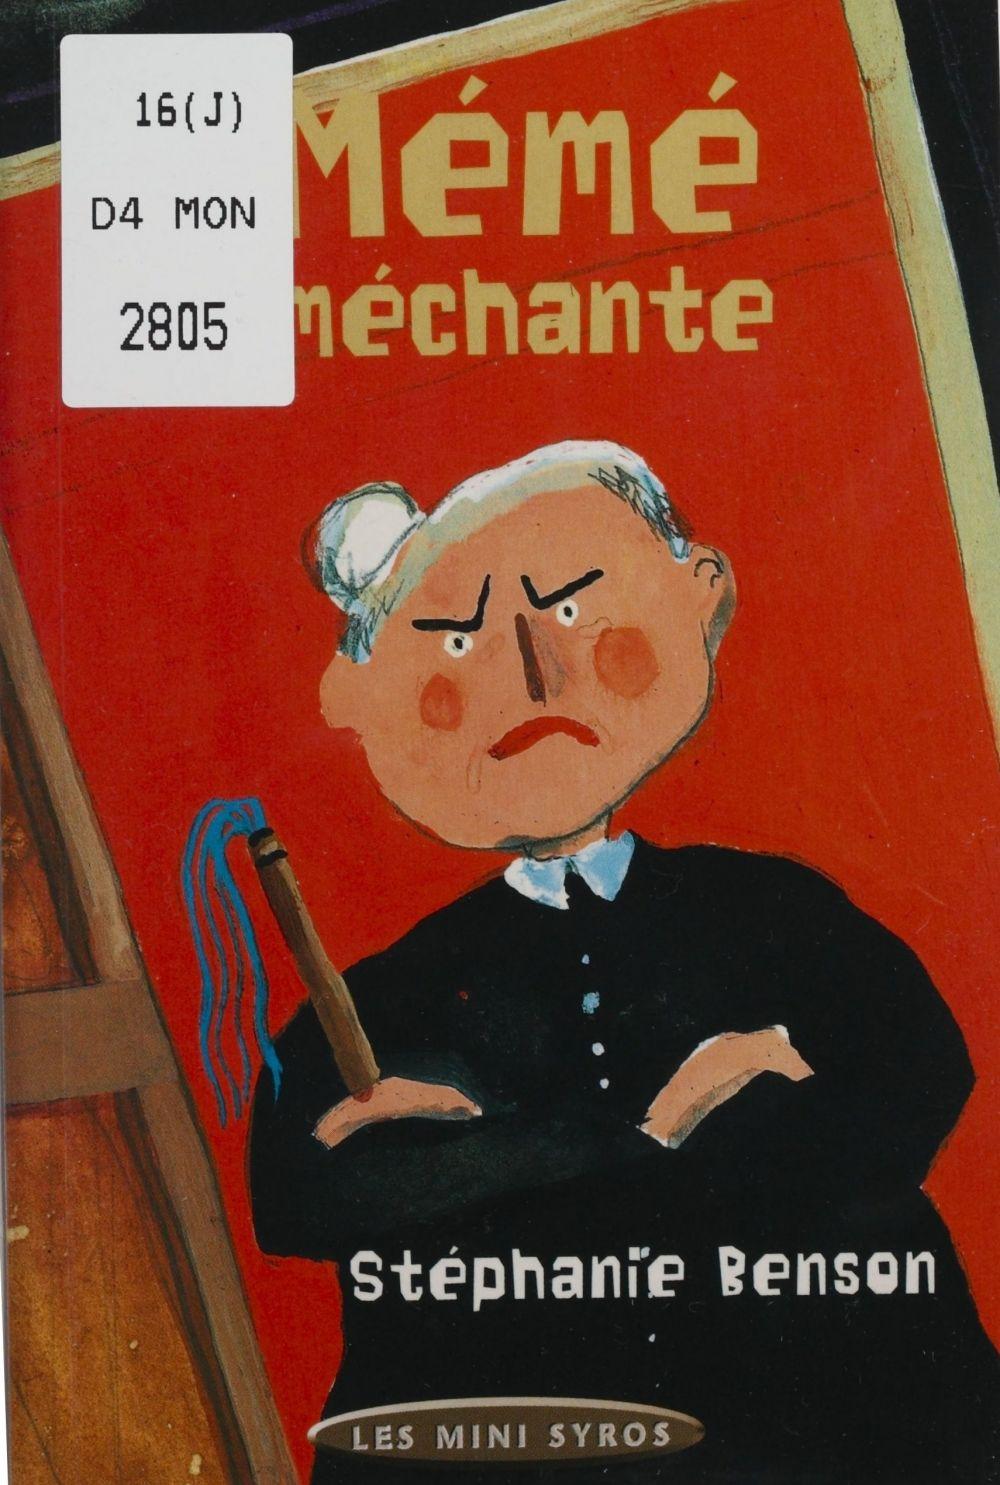 meme mechante